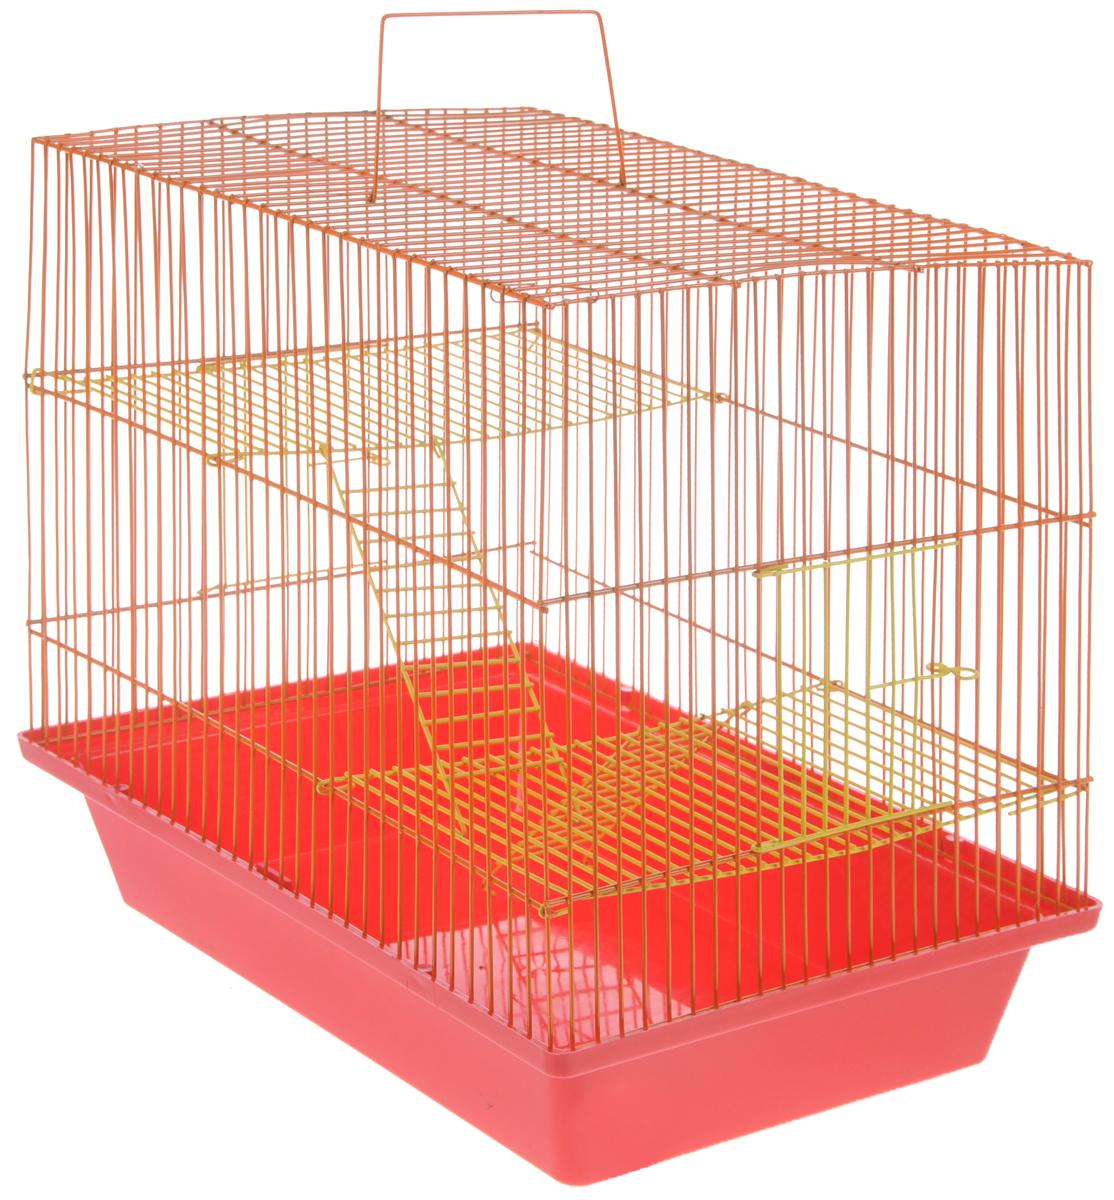 Клетка для грызунов ЗооМарк Гризли, 3-этажная, цвет: красный поддон, оранжевый решетка, желтые этажи, 41 х 30 х 36 см. 230ж230жКОКлетка ЗооМарк Гризли, выполненная из полипропилена и металла, подходит для мелких грызунов. Изделие трехэтажное. Клетка имеет яркий поддон, удобна в использовании и легко чистится. Сверху имеется ручка для переноски. Такая клетка станет уединенным личным пространством и уютным домиком для маленького грызуна.